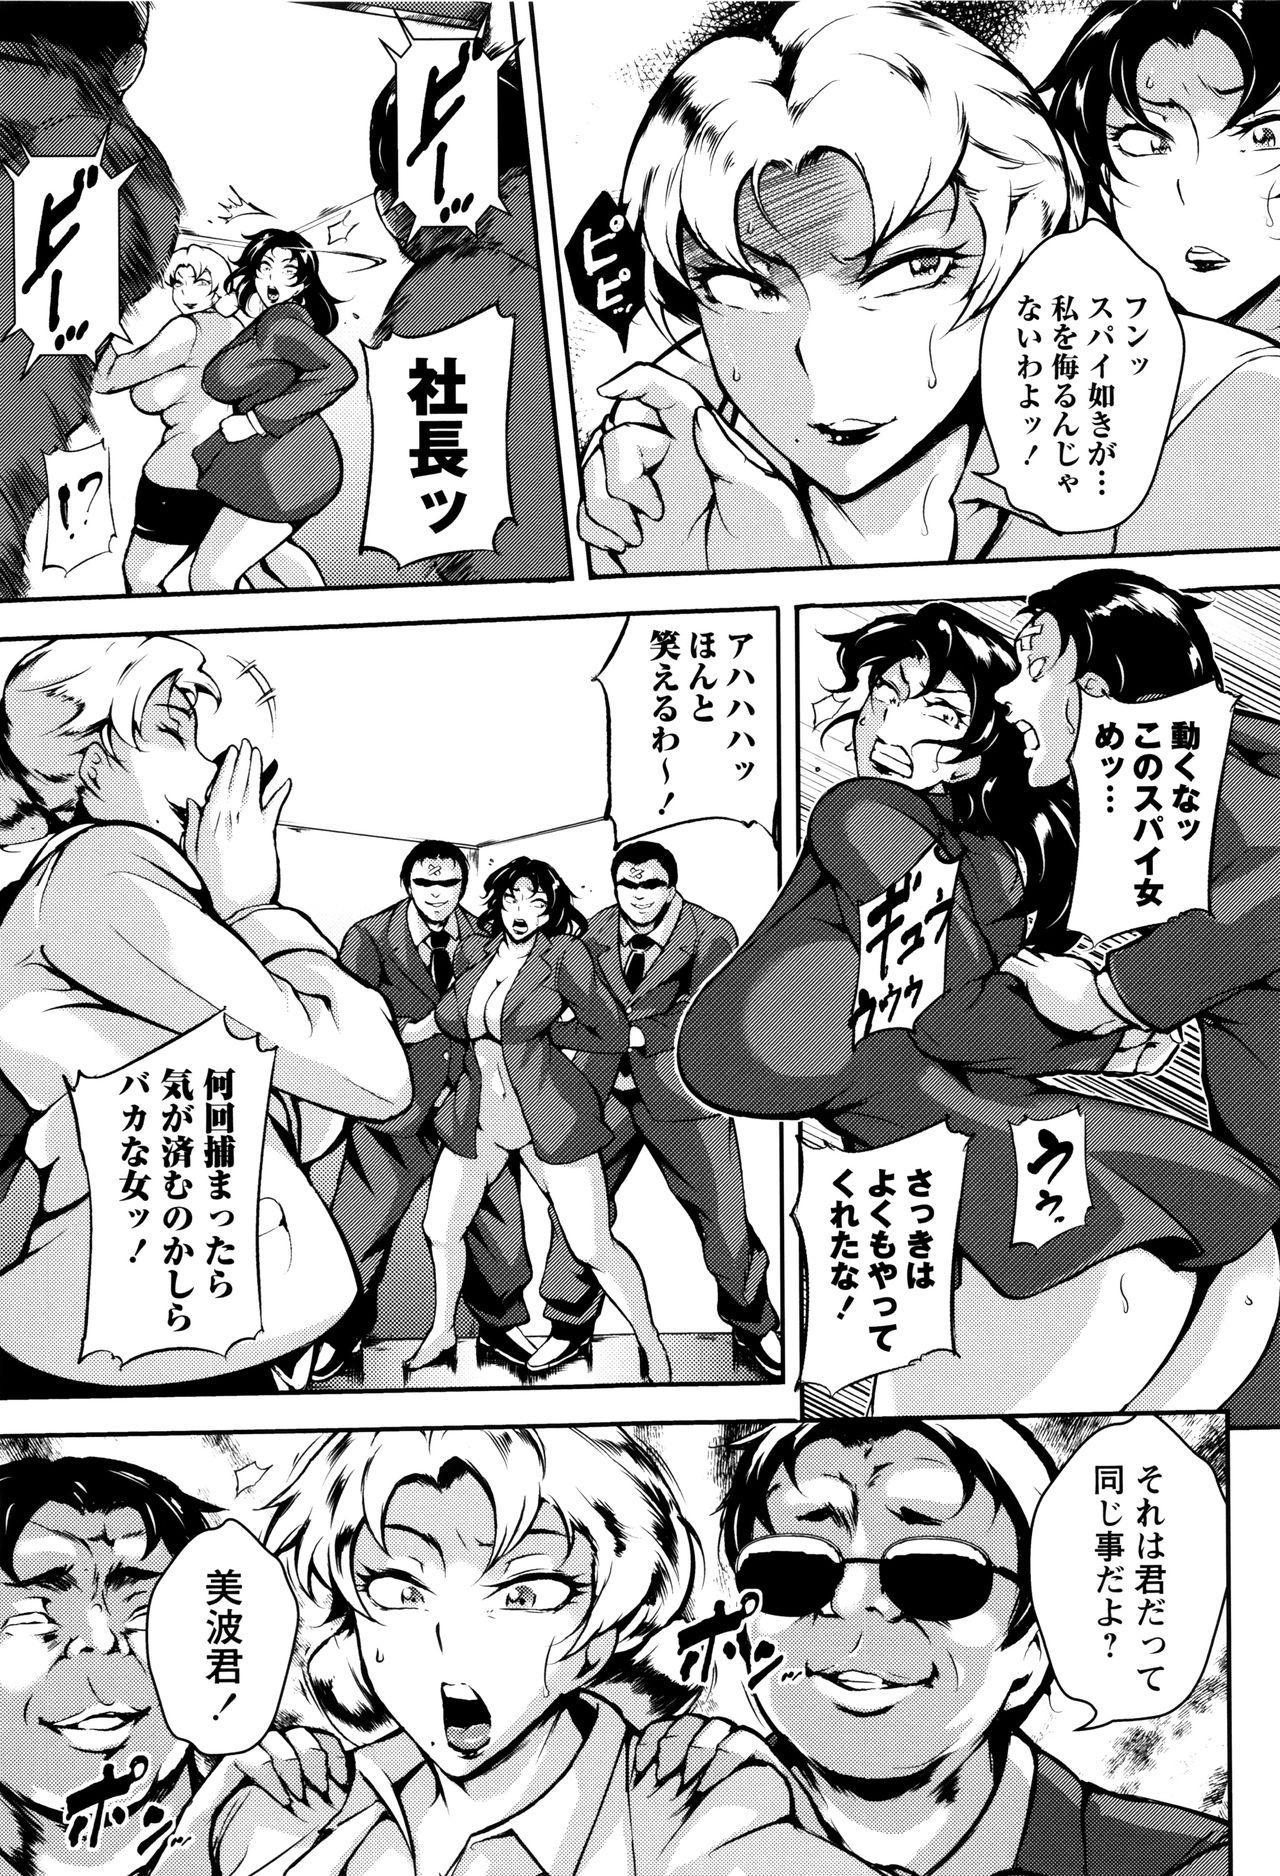 Ero BBA ♥ Dosukebe Ha Sengen 34